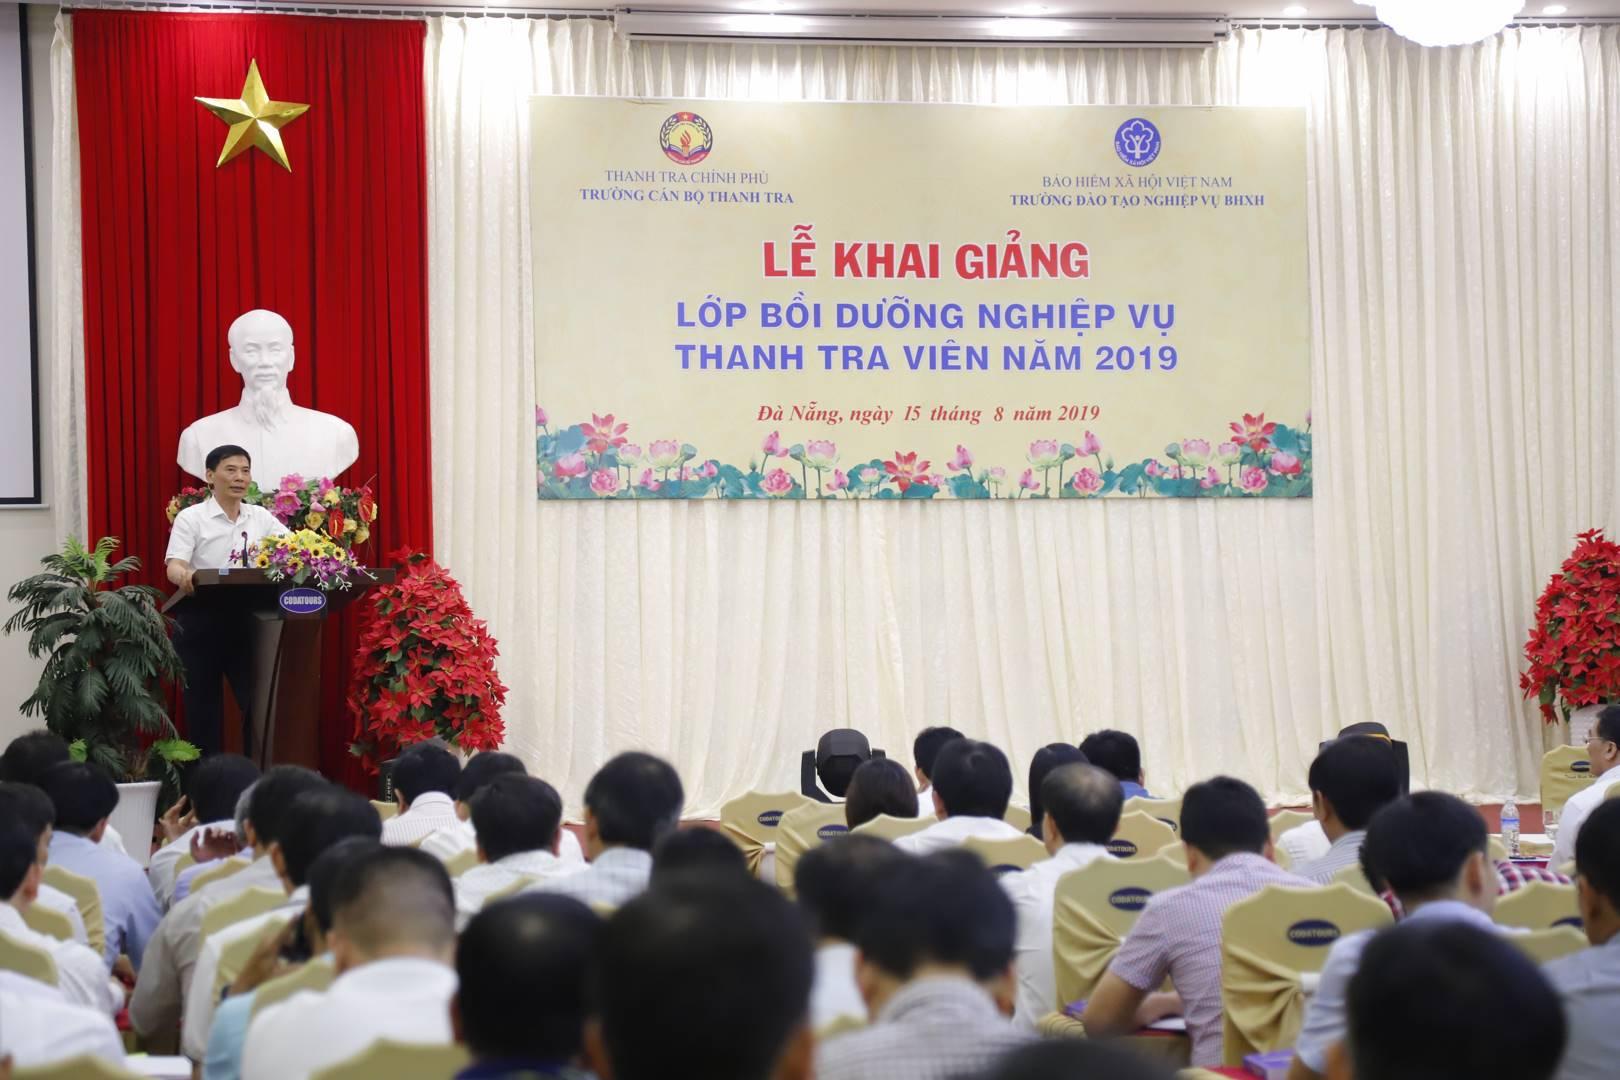 Ông Vũ Văn Chiến HT Trg CBTT phát biểu khai giảng khóa học